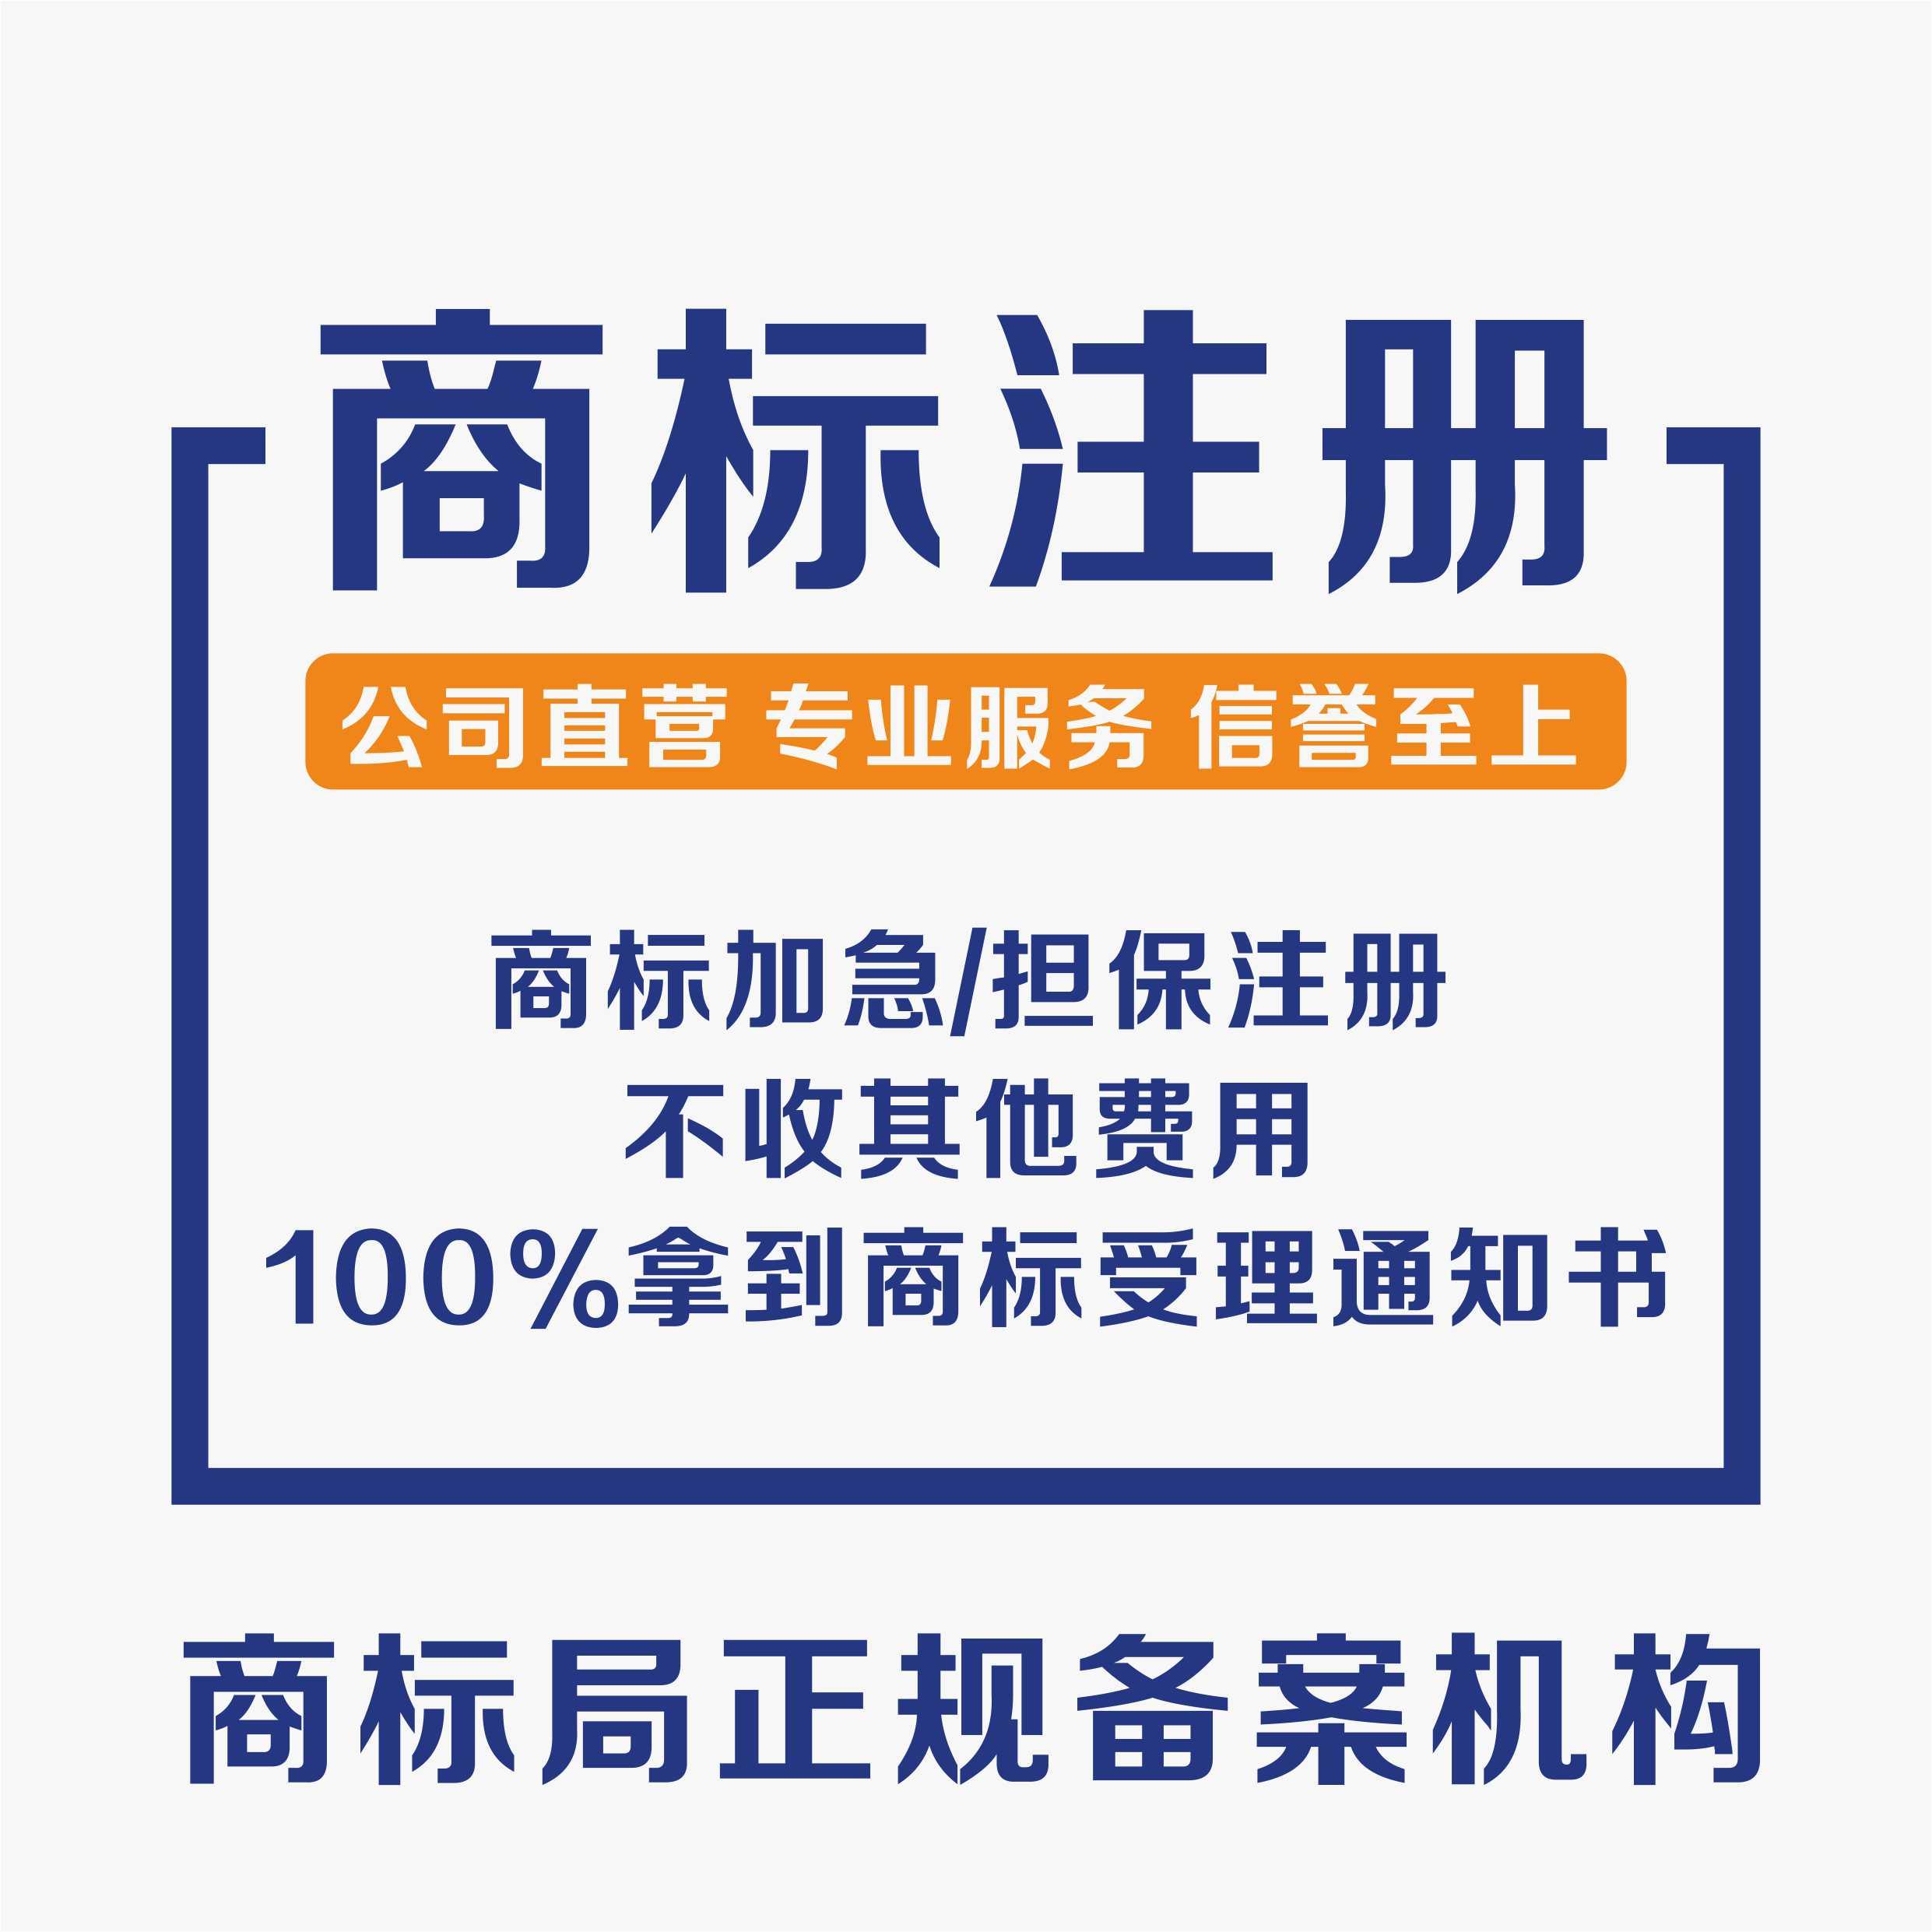 长葛商标注册流程流程 欧凯代办公司